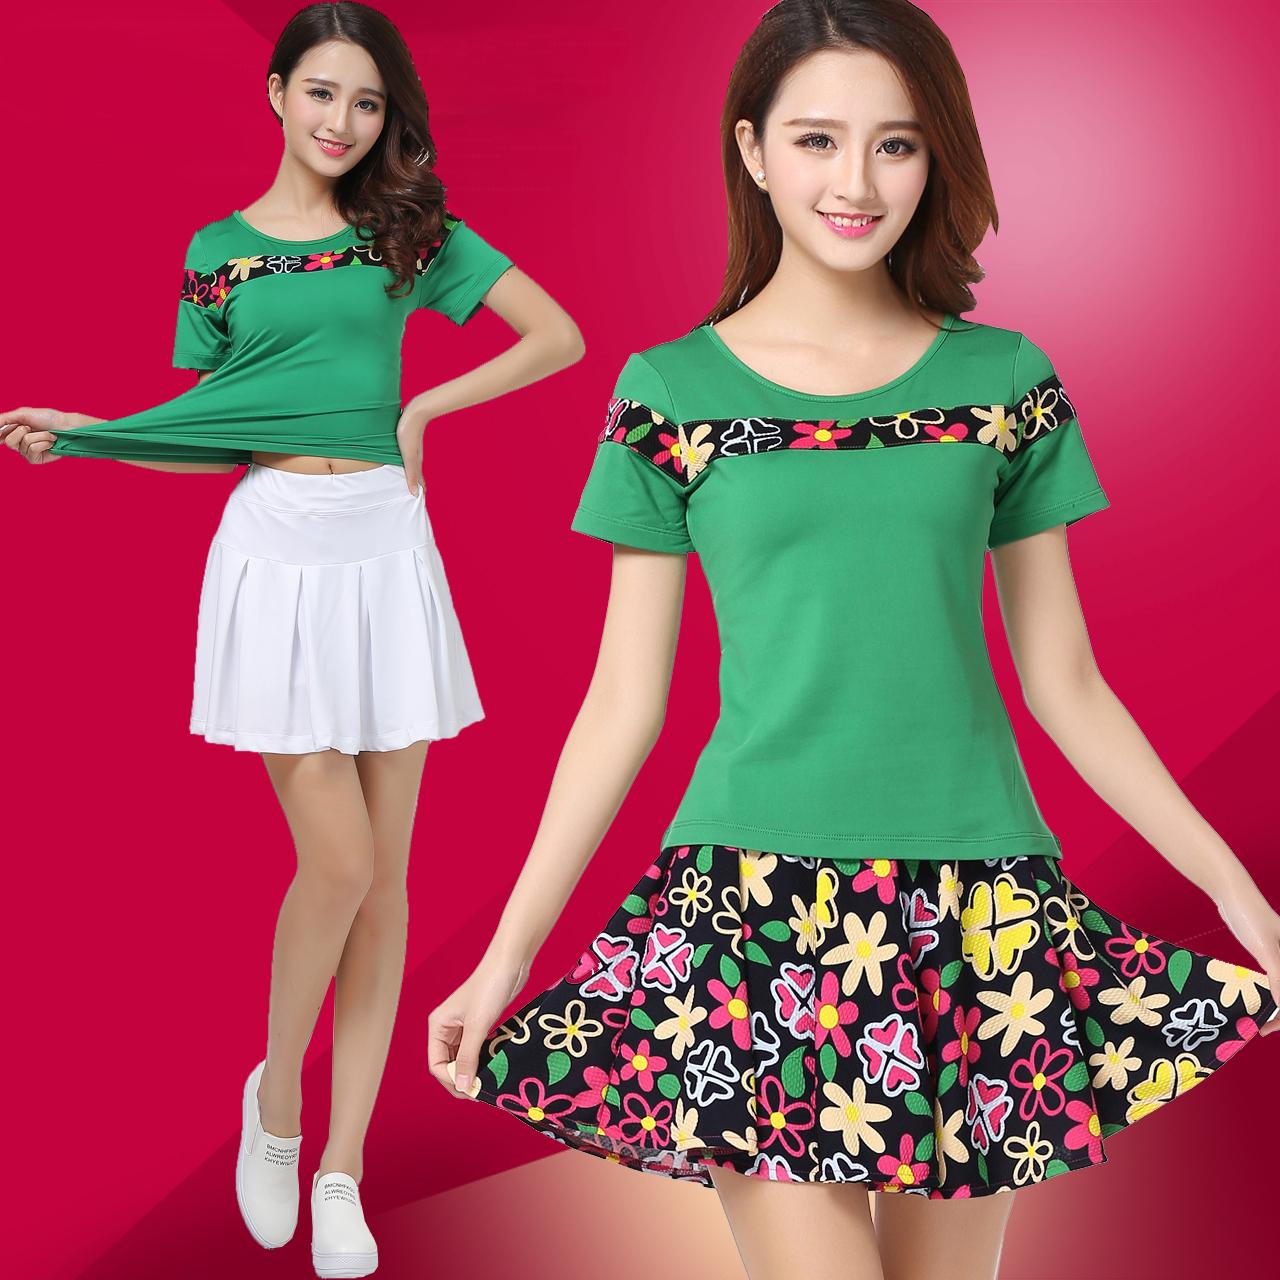 春夏gcw廣場舞服裝新款套裝短袖運動短裙團隊舞蹈演出服小蘋果